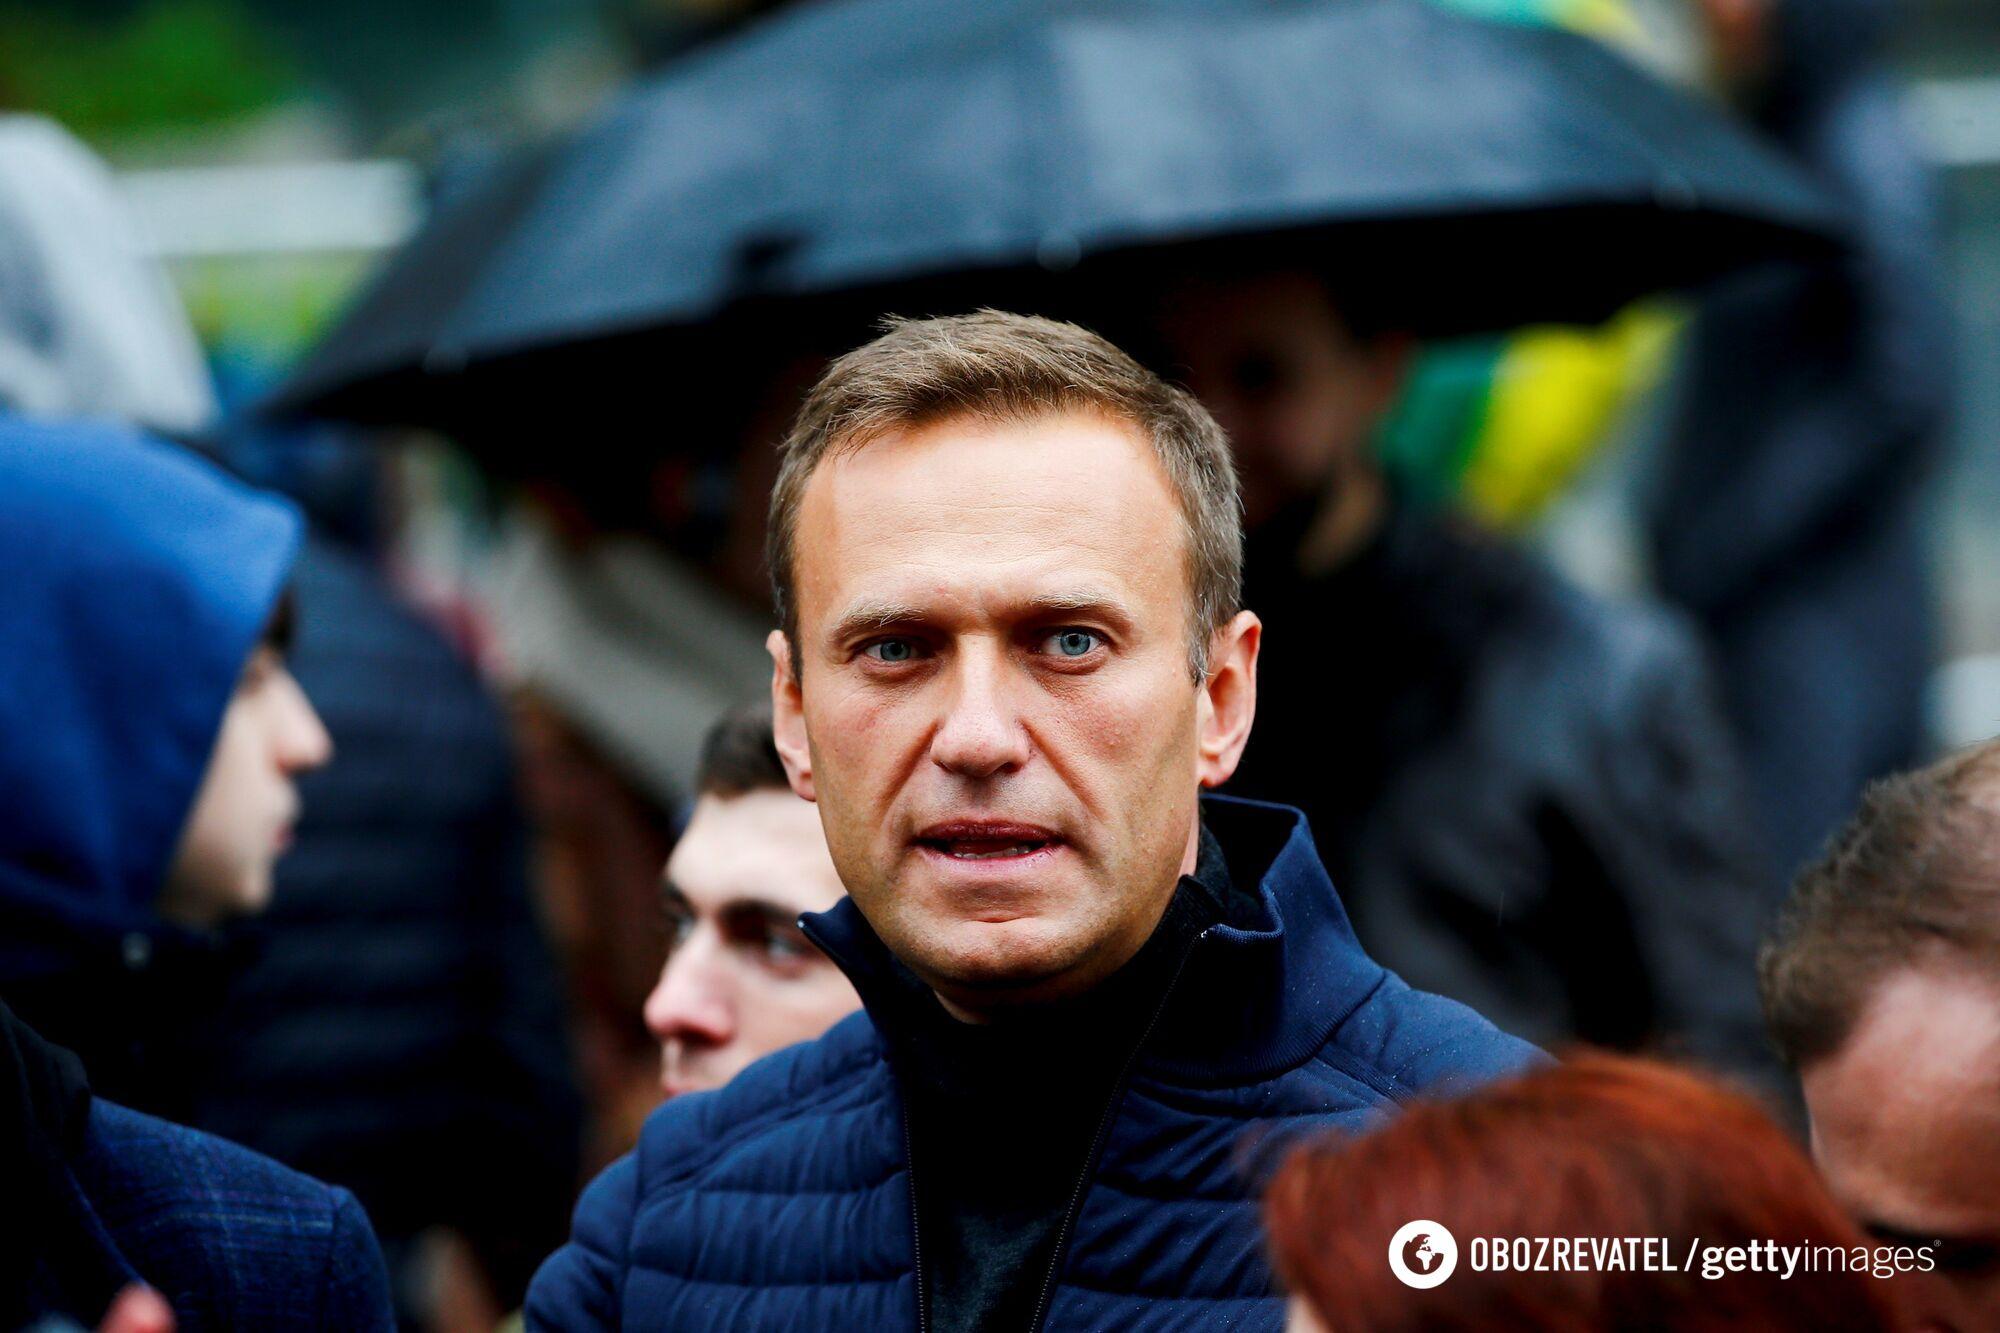 Условный Навальный не вернет Украине оккупированные территории.